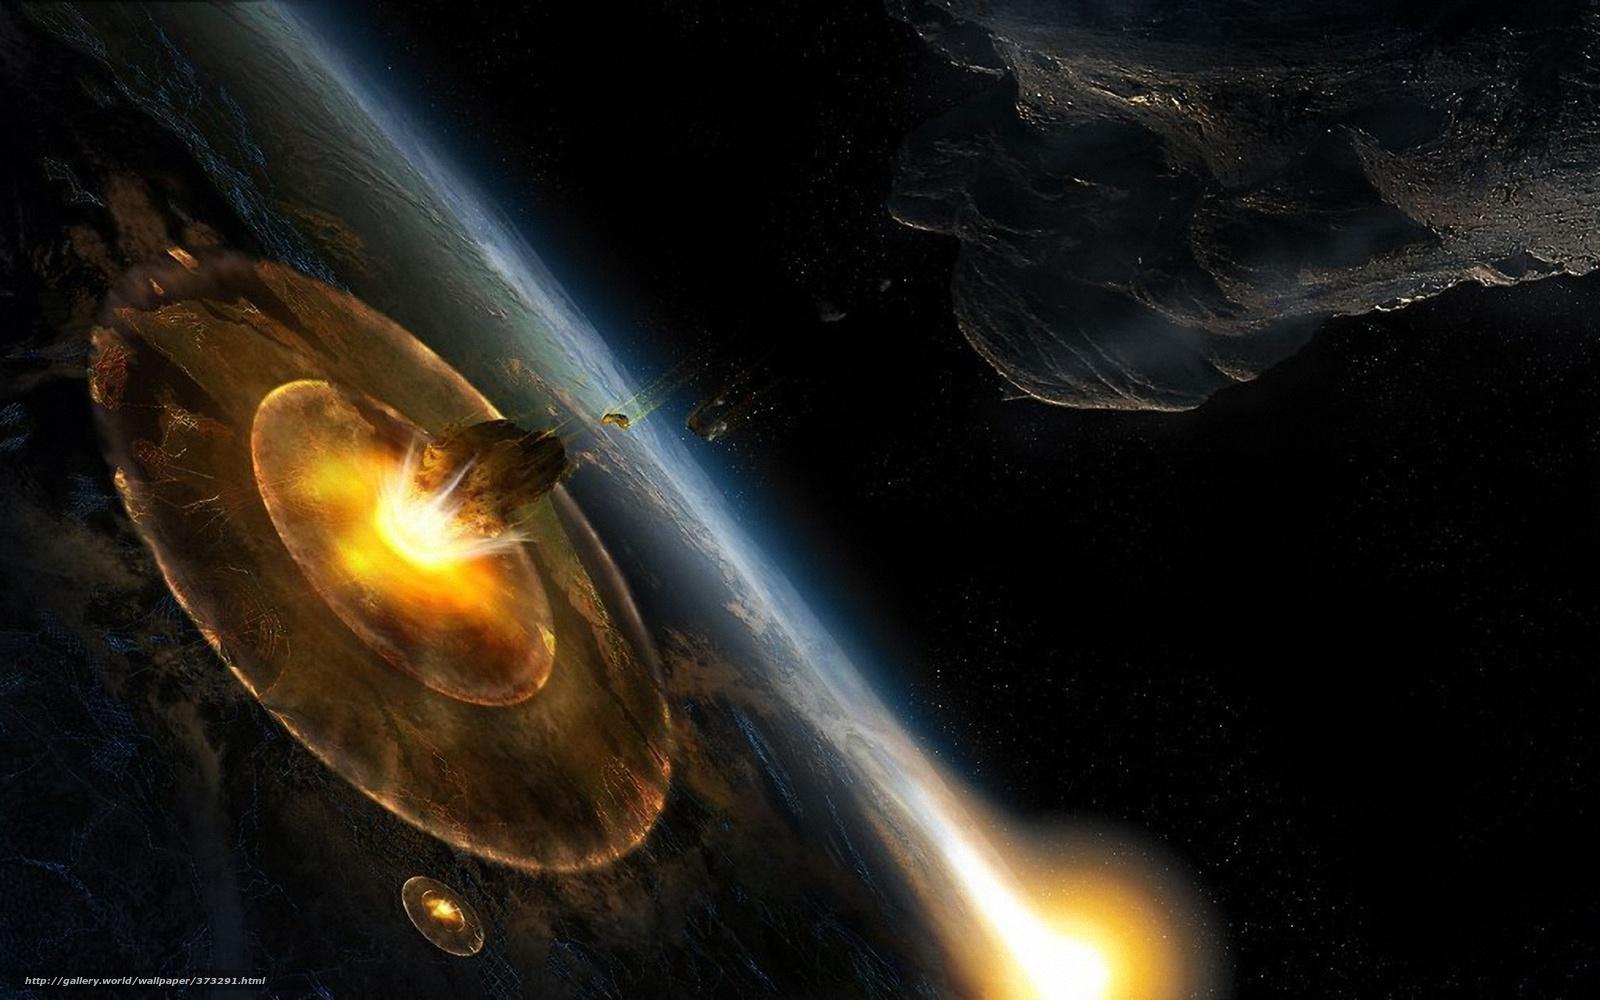 asteroid mining armageddon - photo #48